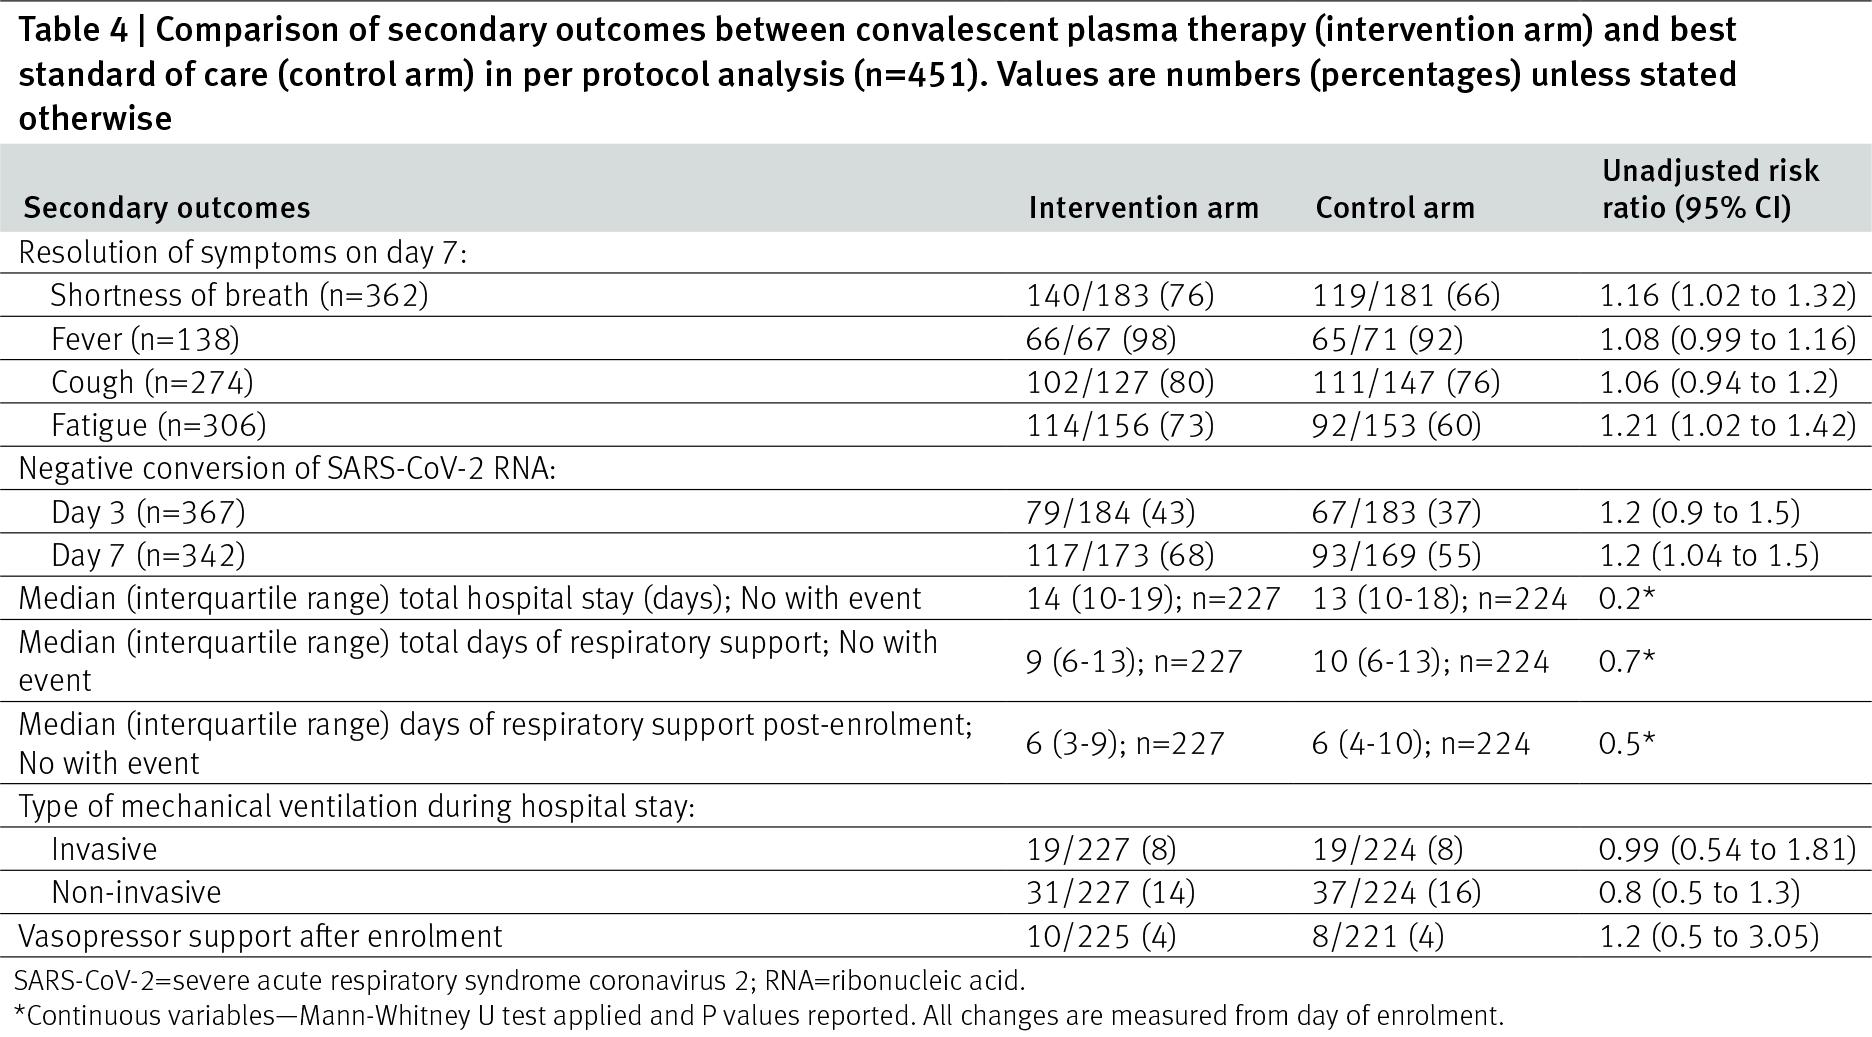 placid results 01 - Лечение коронавируса. Антиковидная плазма полностью бесполезна